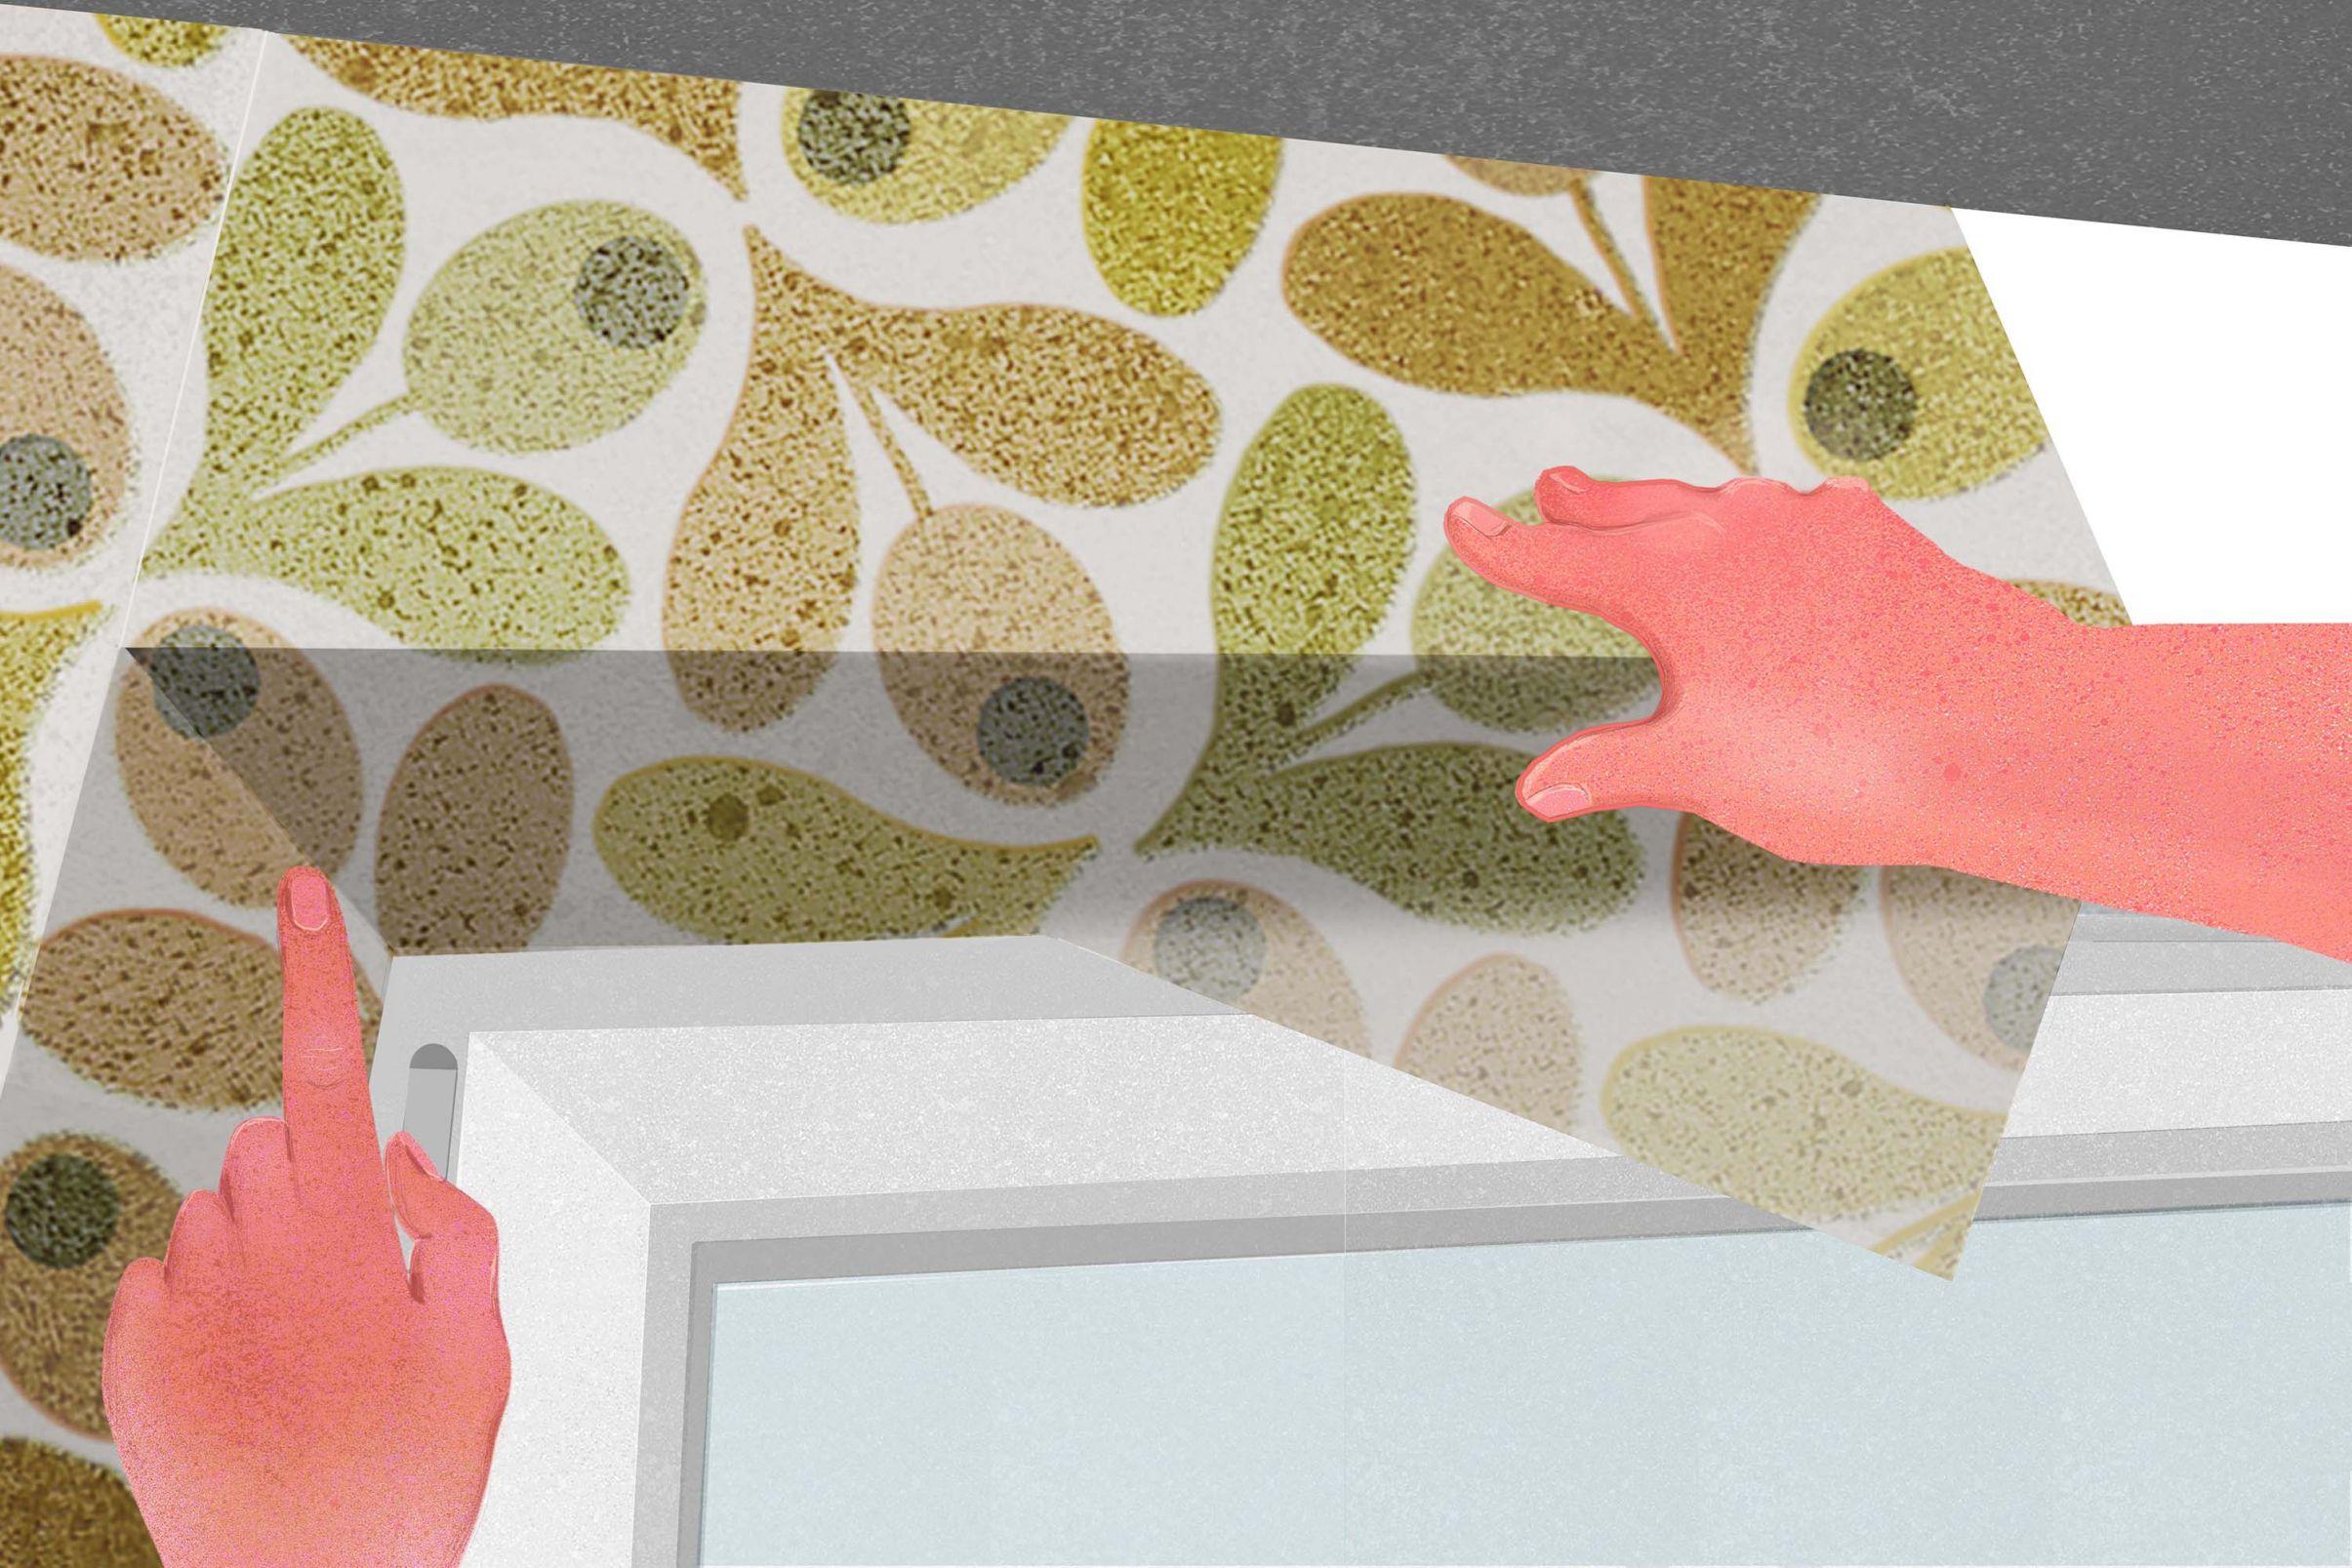 Como-aplicar-papel-de-parede-ao-redor-de-janelas-e-portas-Aplicar-a-primeira-faixa-de-papel-de-parede-por-cima-da-janela-com-uma-sobra